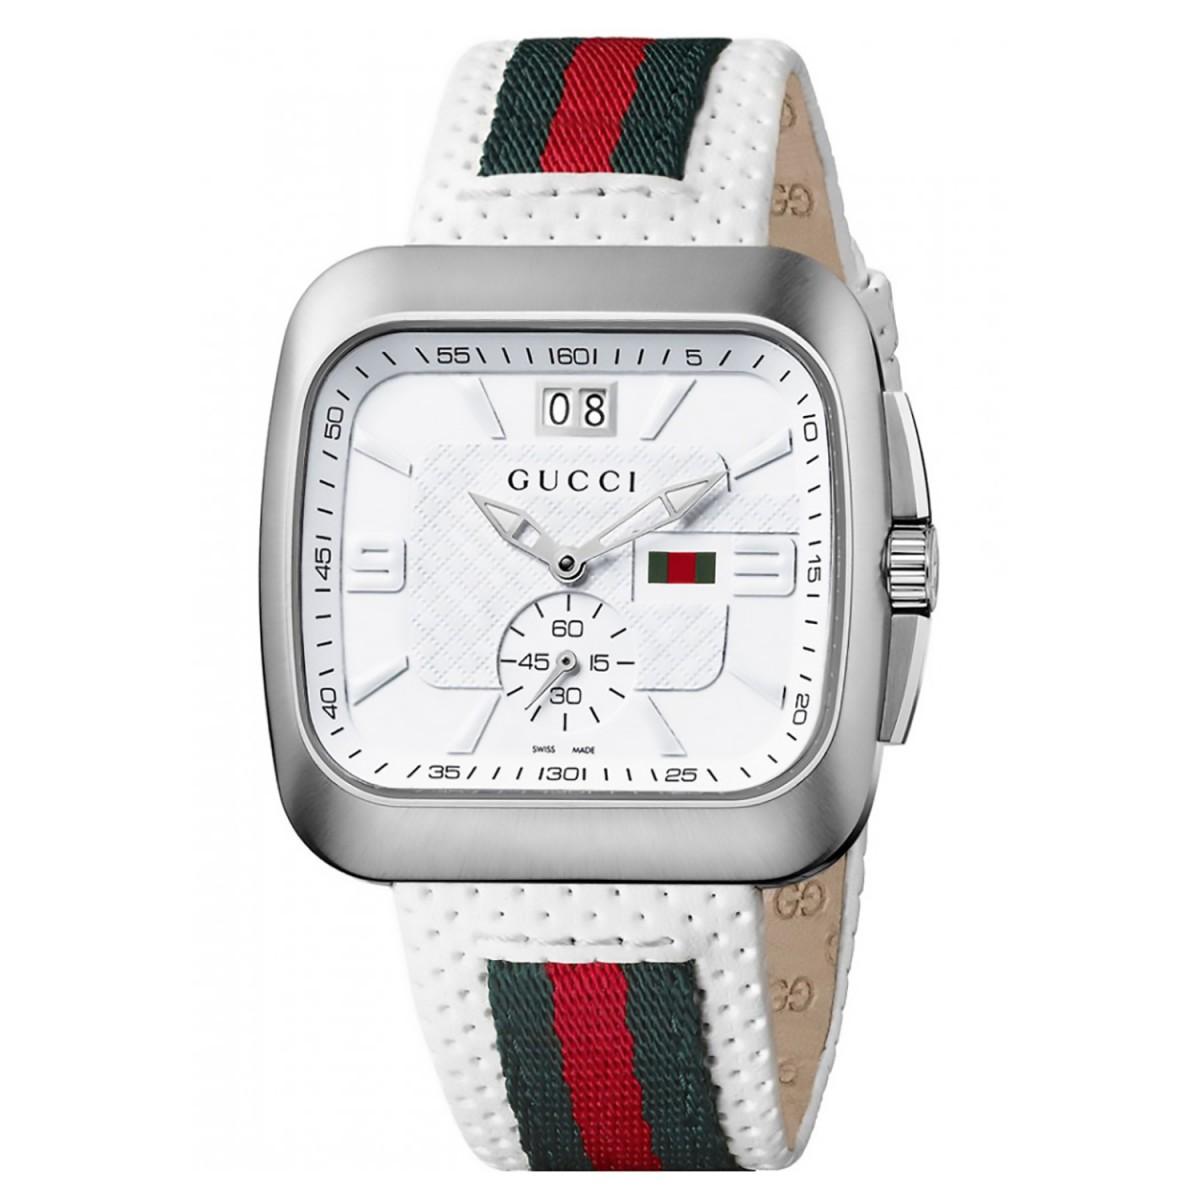 90fd619b20f Compre Relógio Gucci Coupè em 10X